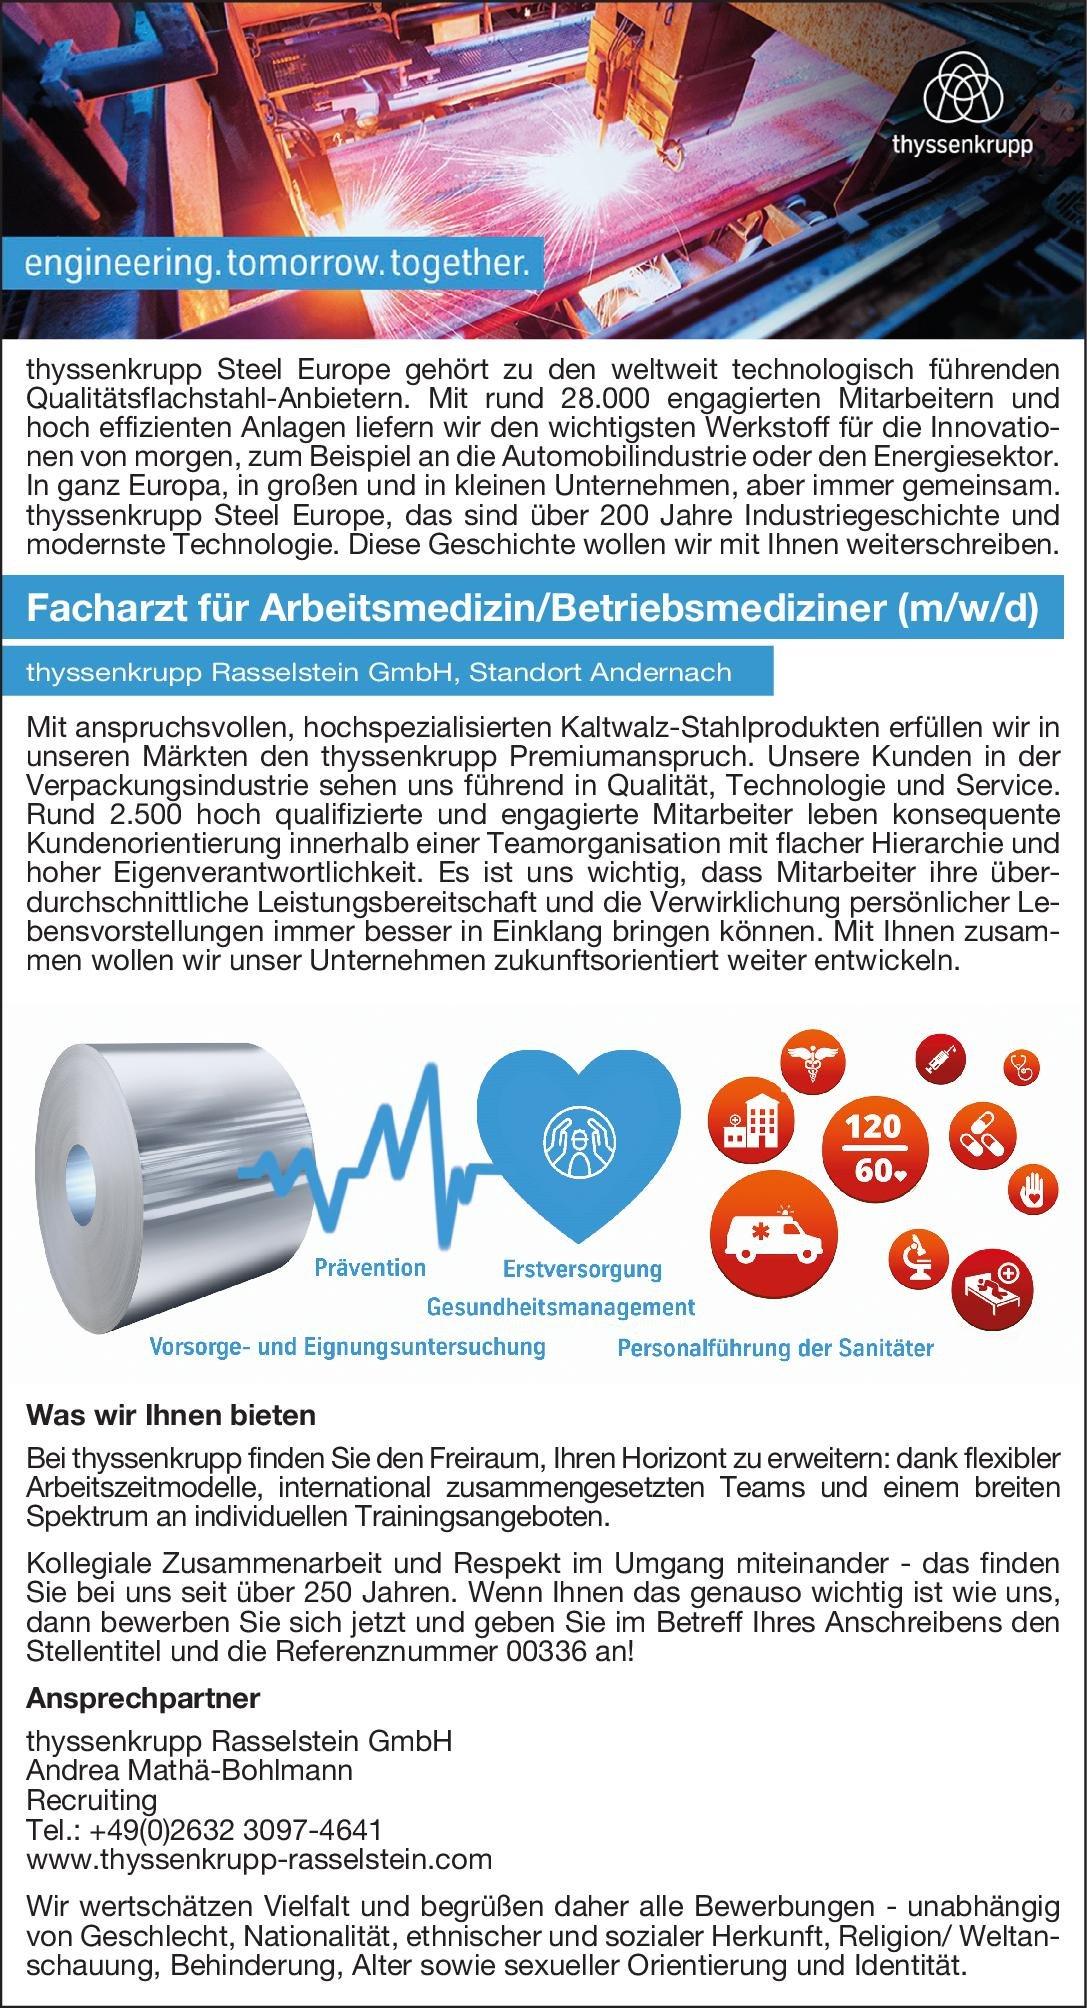 thyssenkrupp Rasselstein GmbH Facharzt für Arbeitsmedizin/Betriebsmediziner (m/w/d) Arbeitsmedizin Arzt / Facharzt, Betriebsarzt